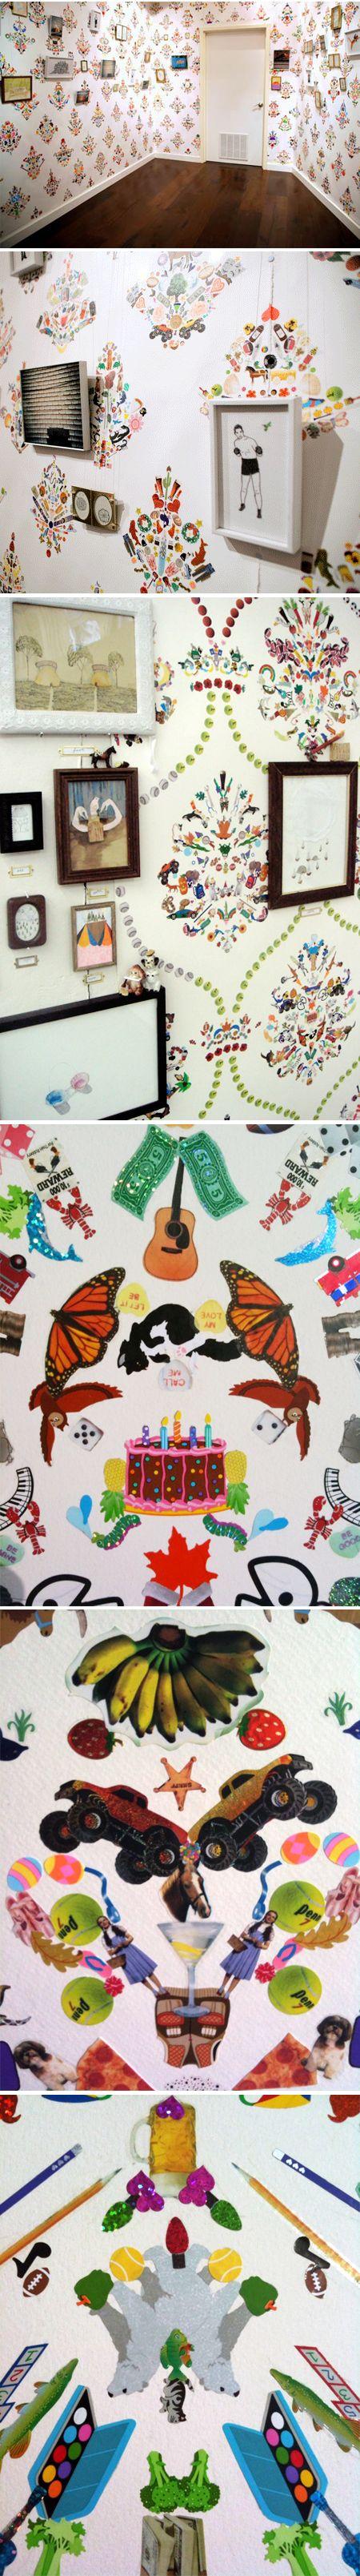 Payton Turner & Brian Kaspr hand-made sticker wallpaper